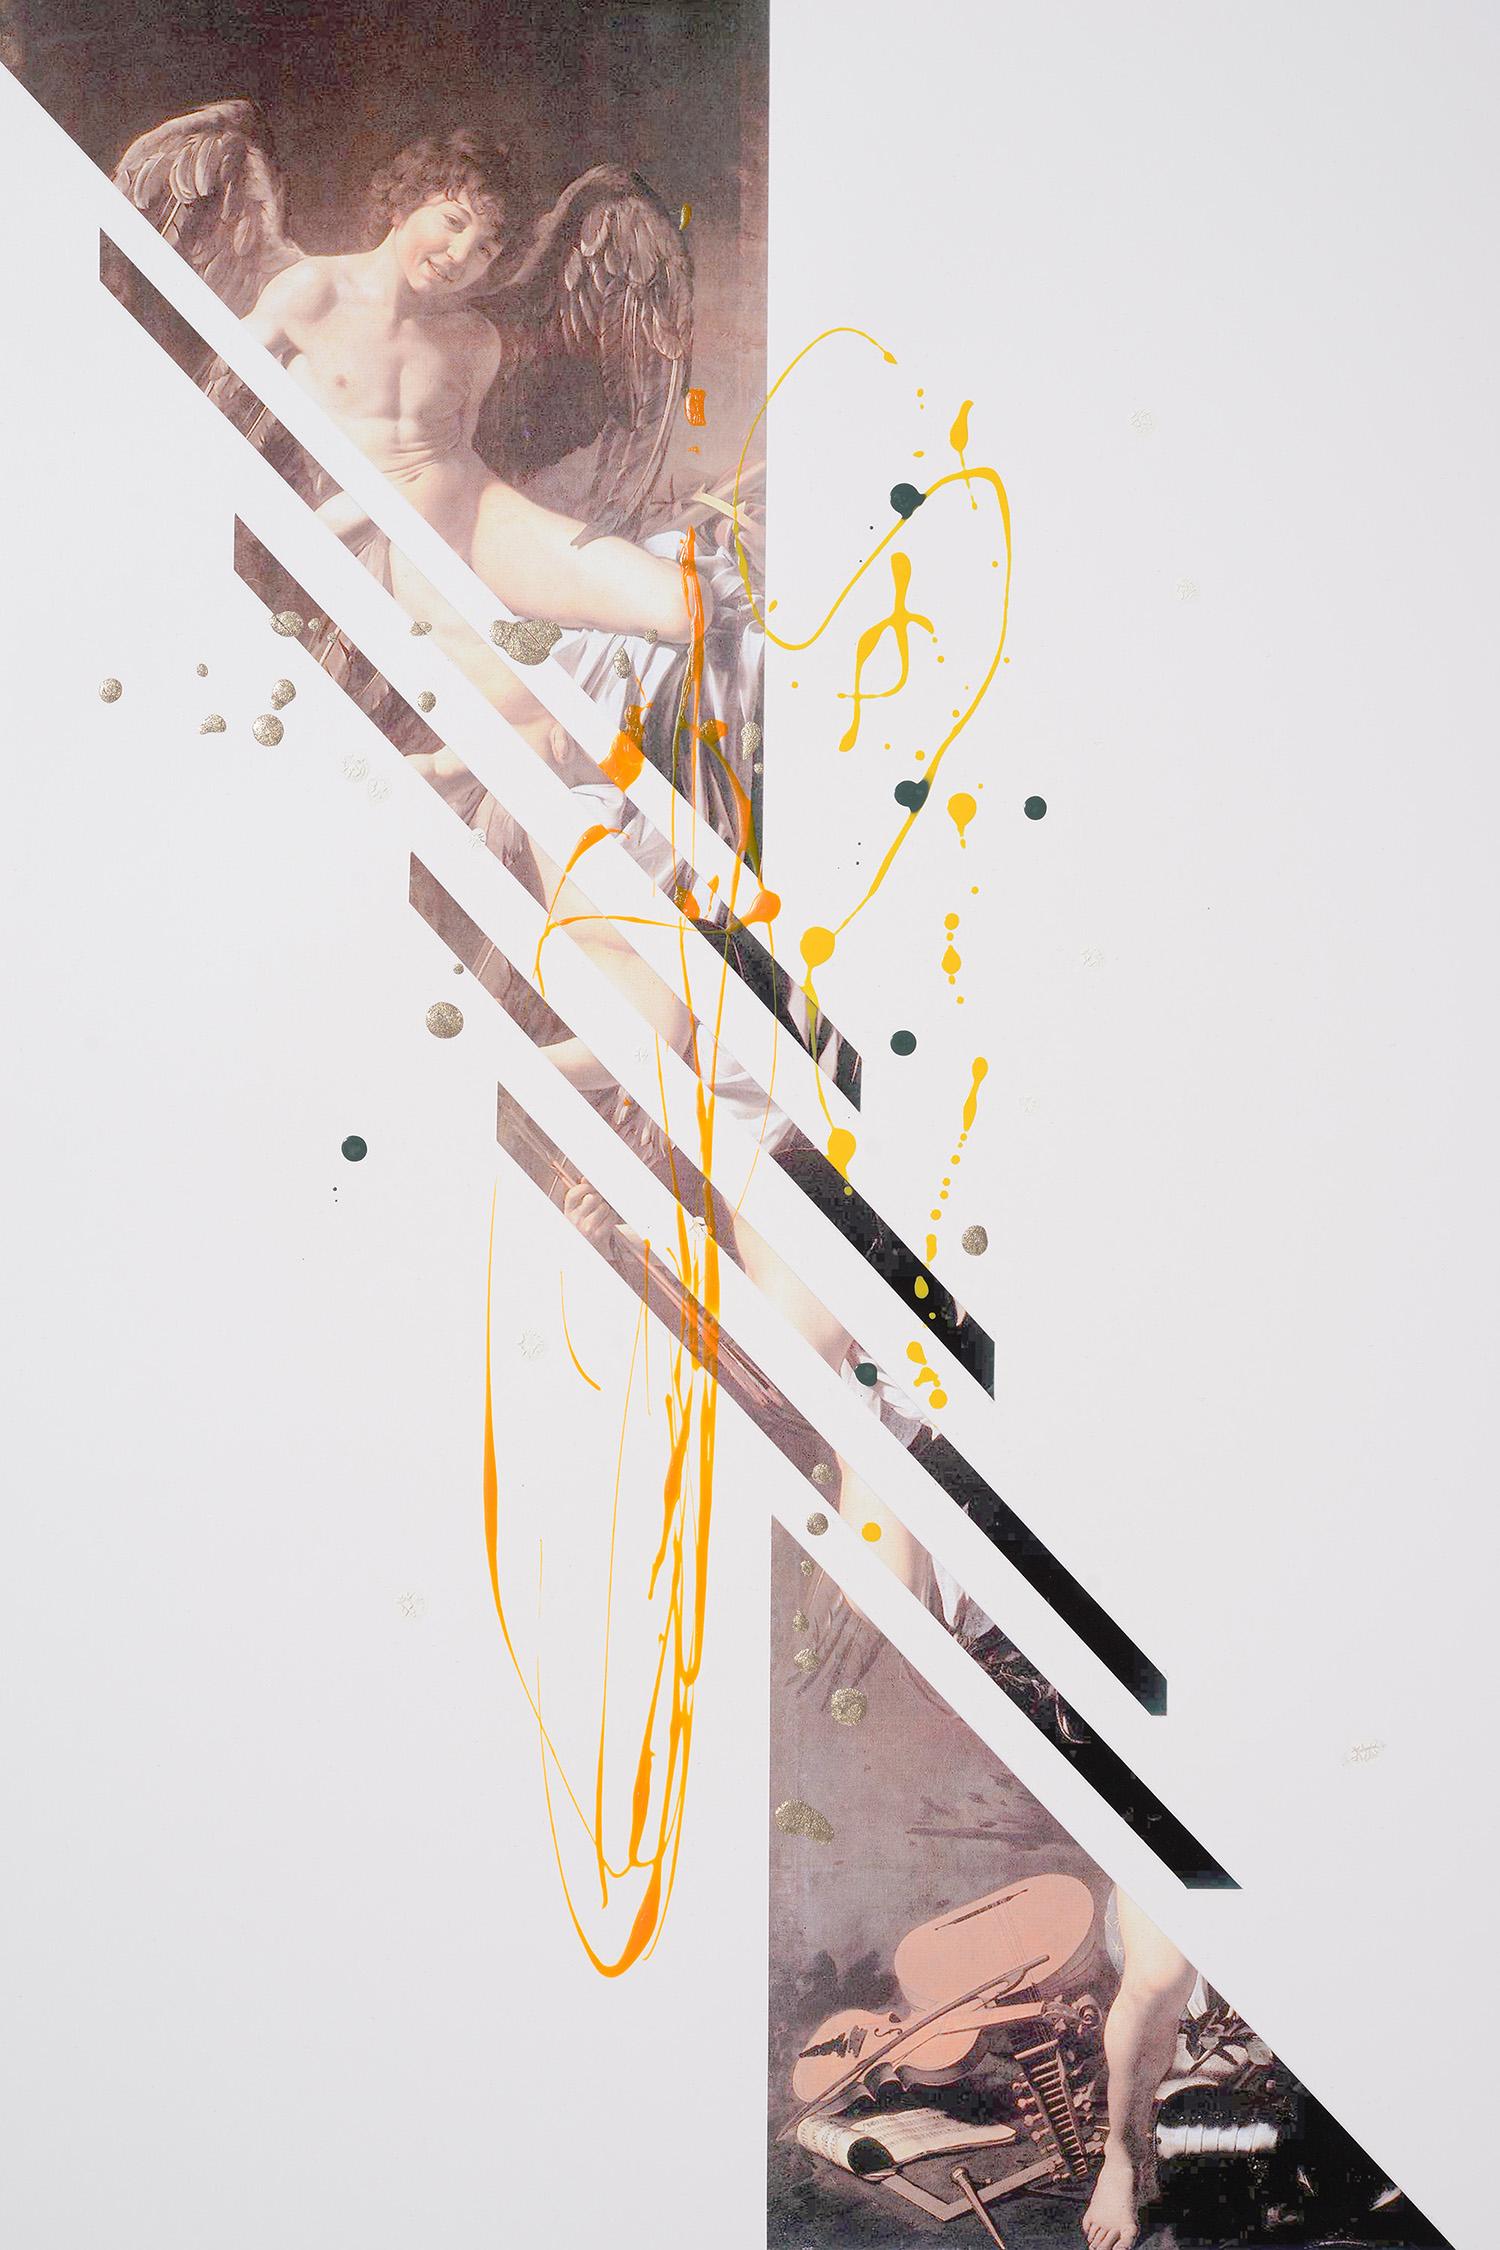 Markues  I'm a Survivor, 2014  mixed media on paper  60 x 40 cm